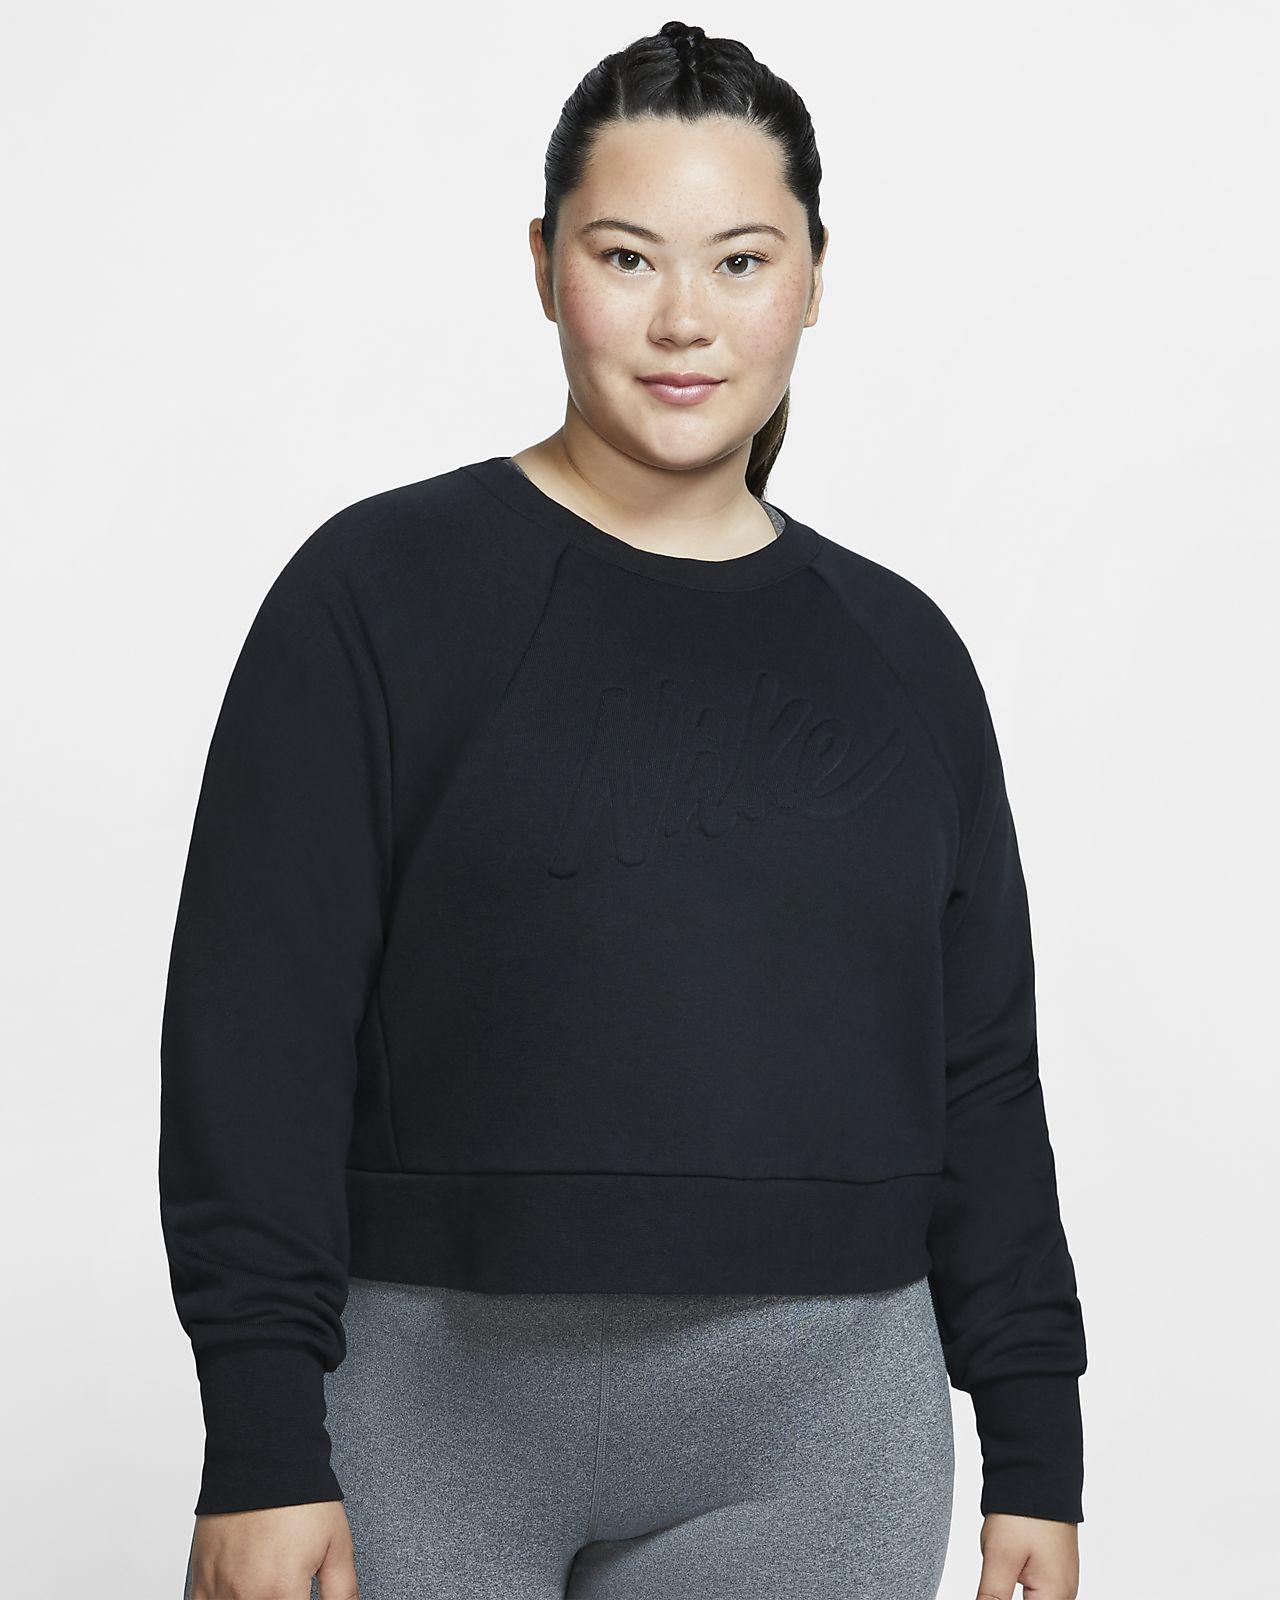 Haut de training à manches longues Nike Dri-FIT pour Femme (grande taille)